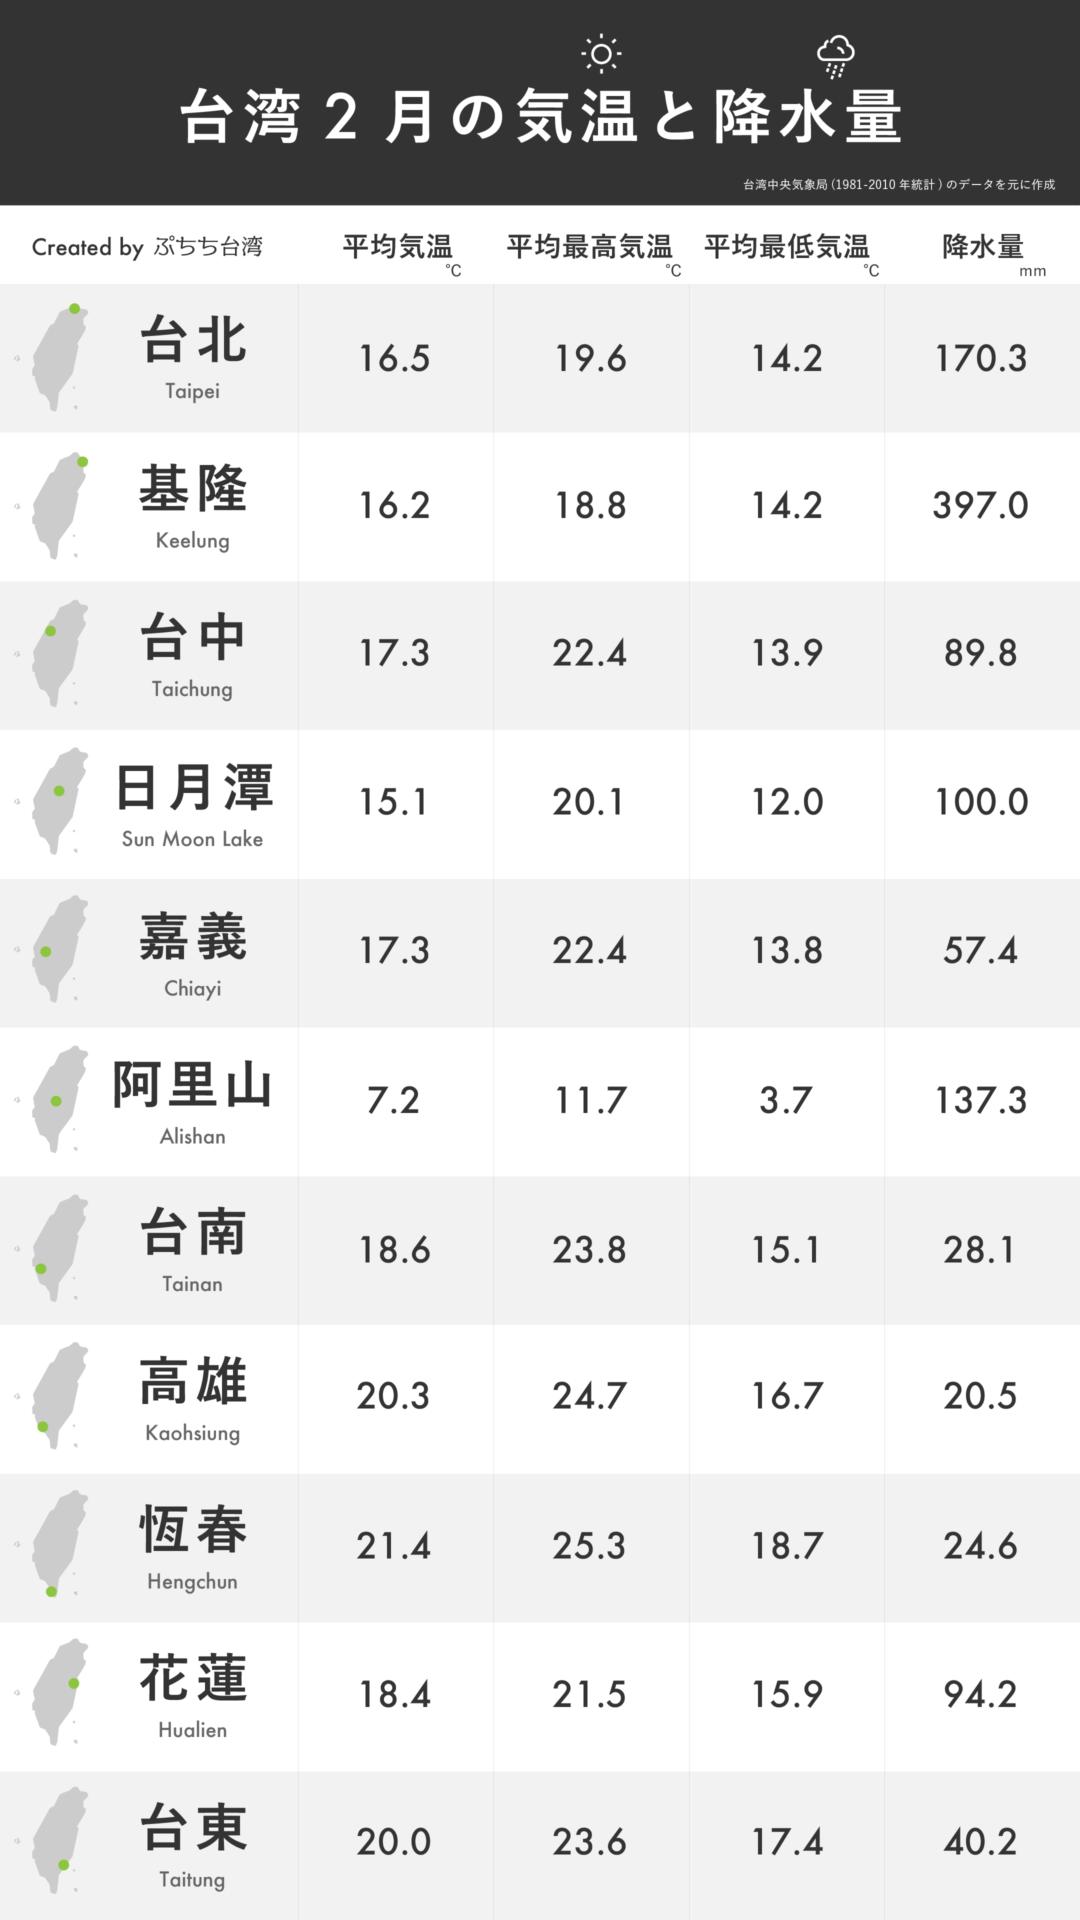 台湾2月の平均気温・平均最高気温・平均最低気温・降水量